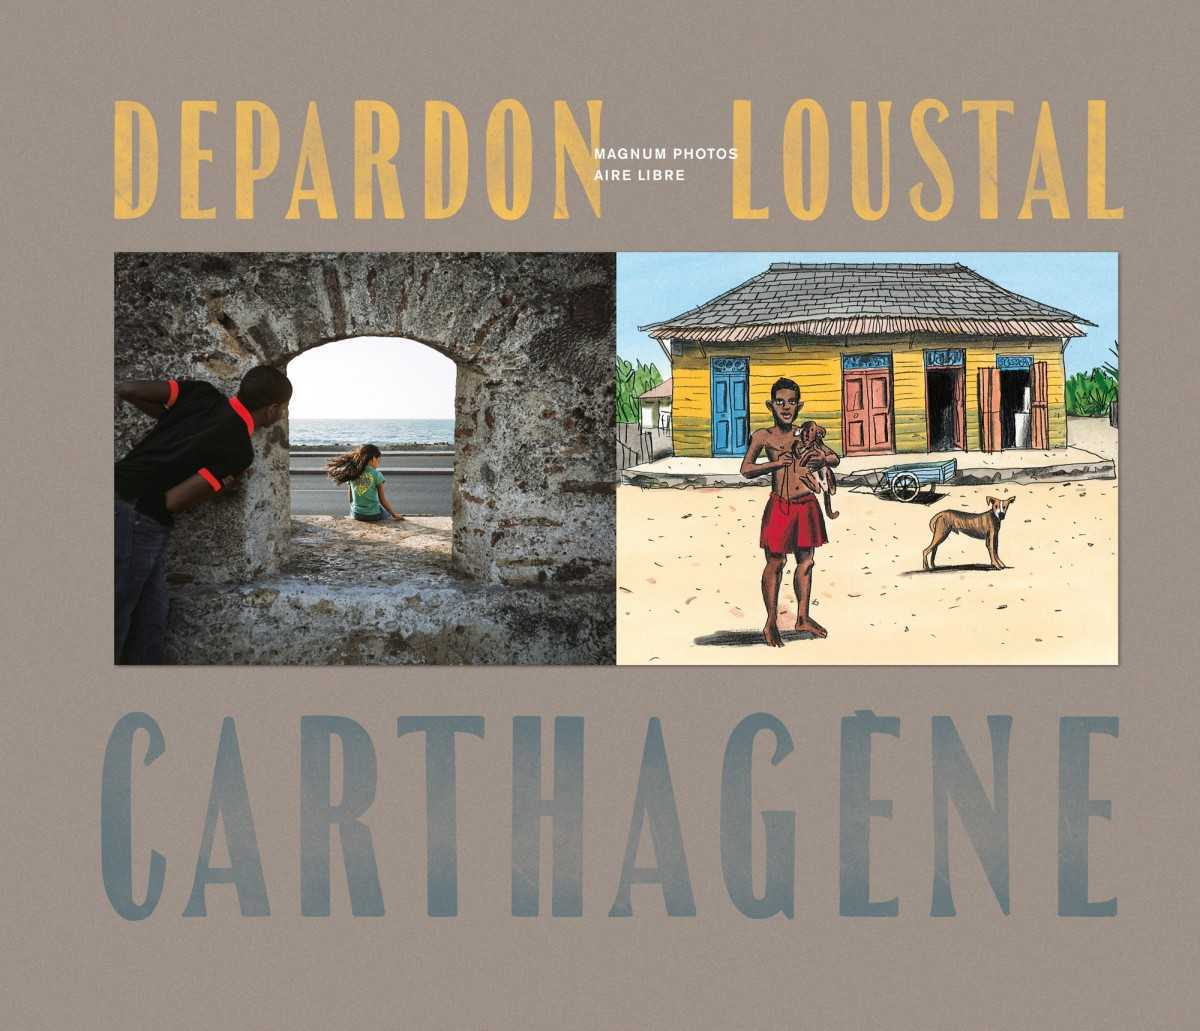 Carthagène, Depardon et Loustal à la découverte d'une ville mélancolique